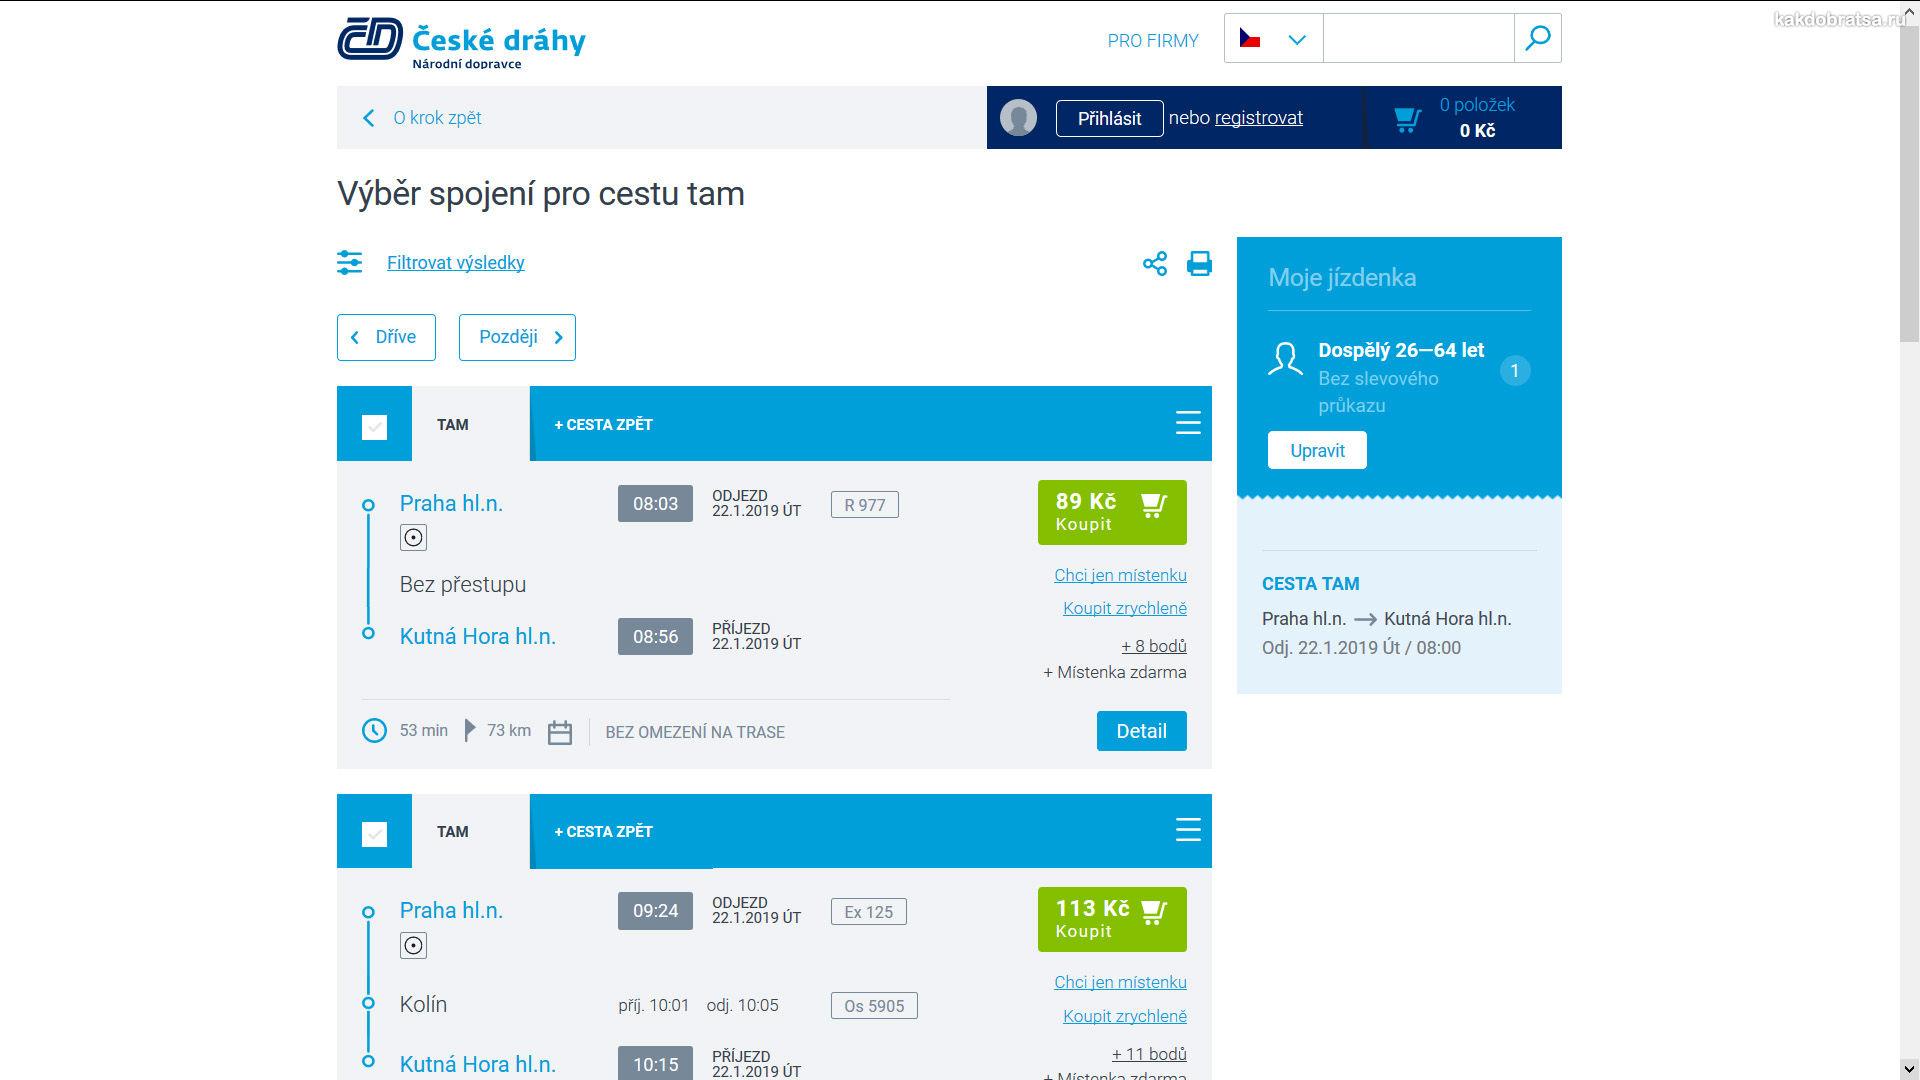 Как добраться из Праги в Кутну Гору на поезде цена